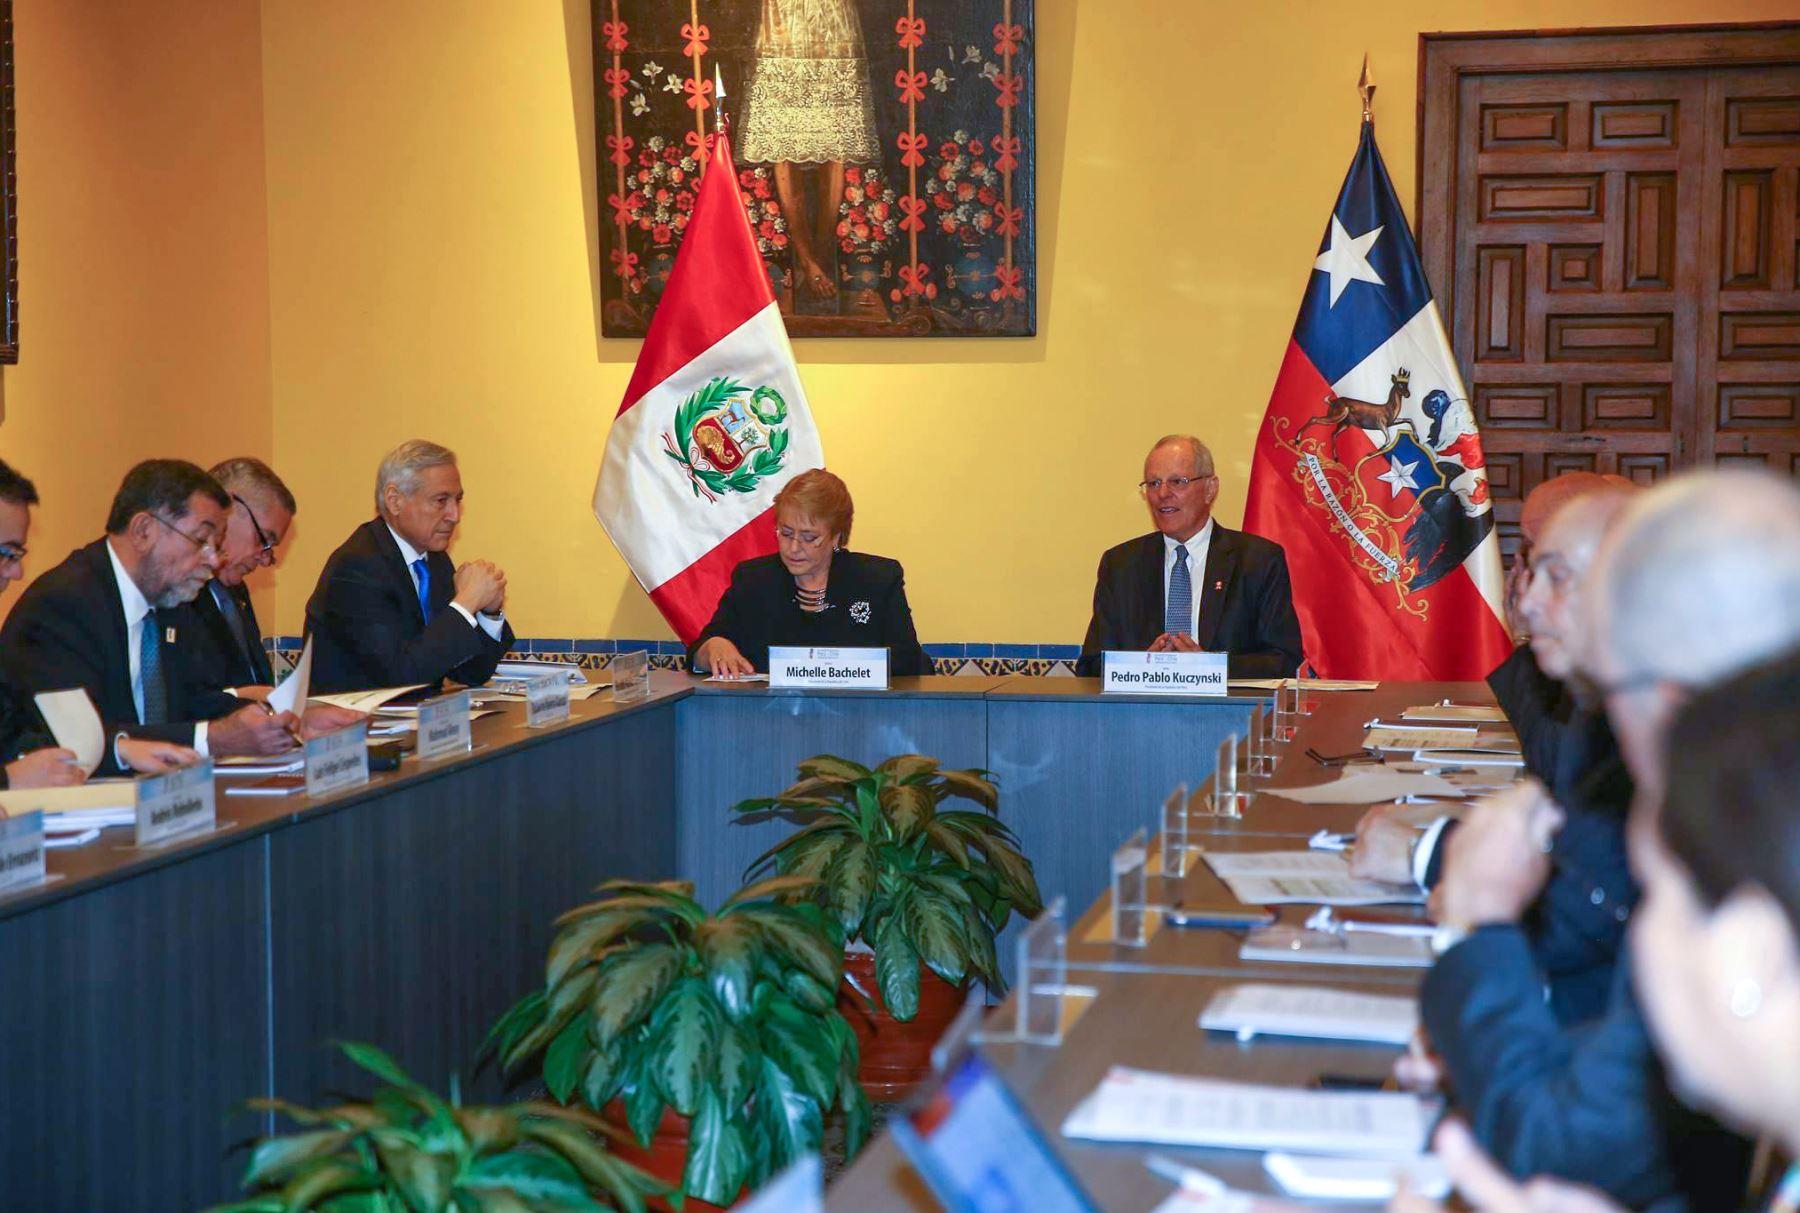 Los presidentes del Perú, Pedro Pablo Kuczynski, y de Chile, Michelle Bachelet, se reunen con empresarios de ambos países en la sede de la Cancillería, en el marco del Encuentro Presidencial y I Gabinete Binacional Perú-Chile. Foto: ANDINA/ Prensa Presidencia